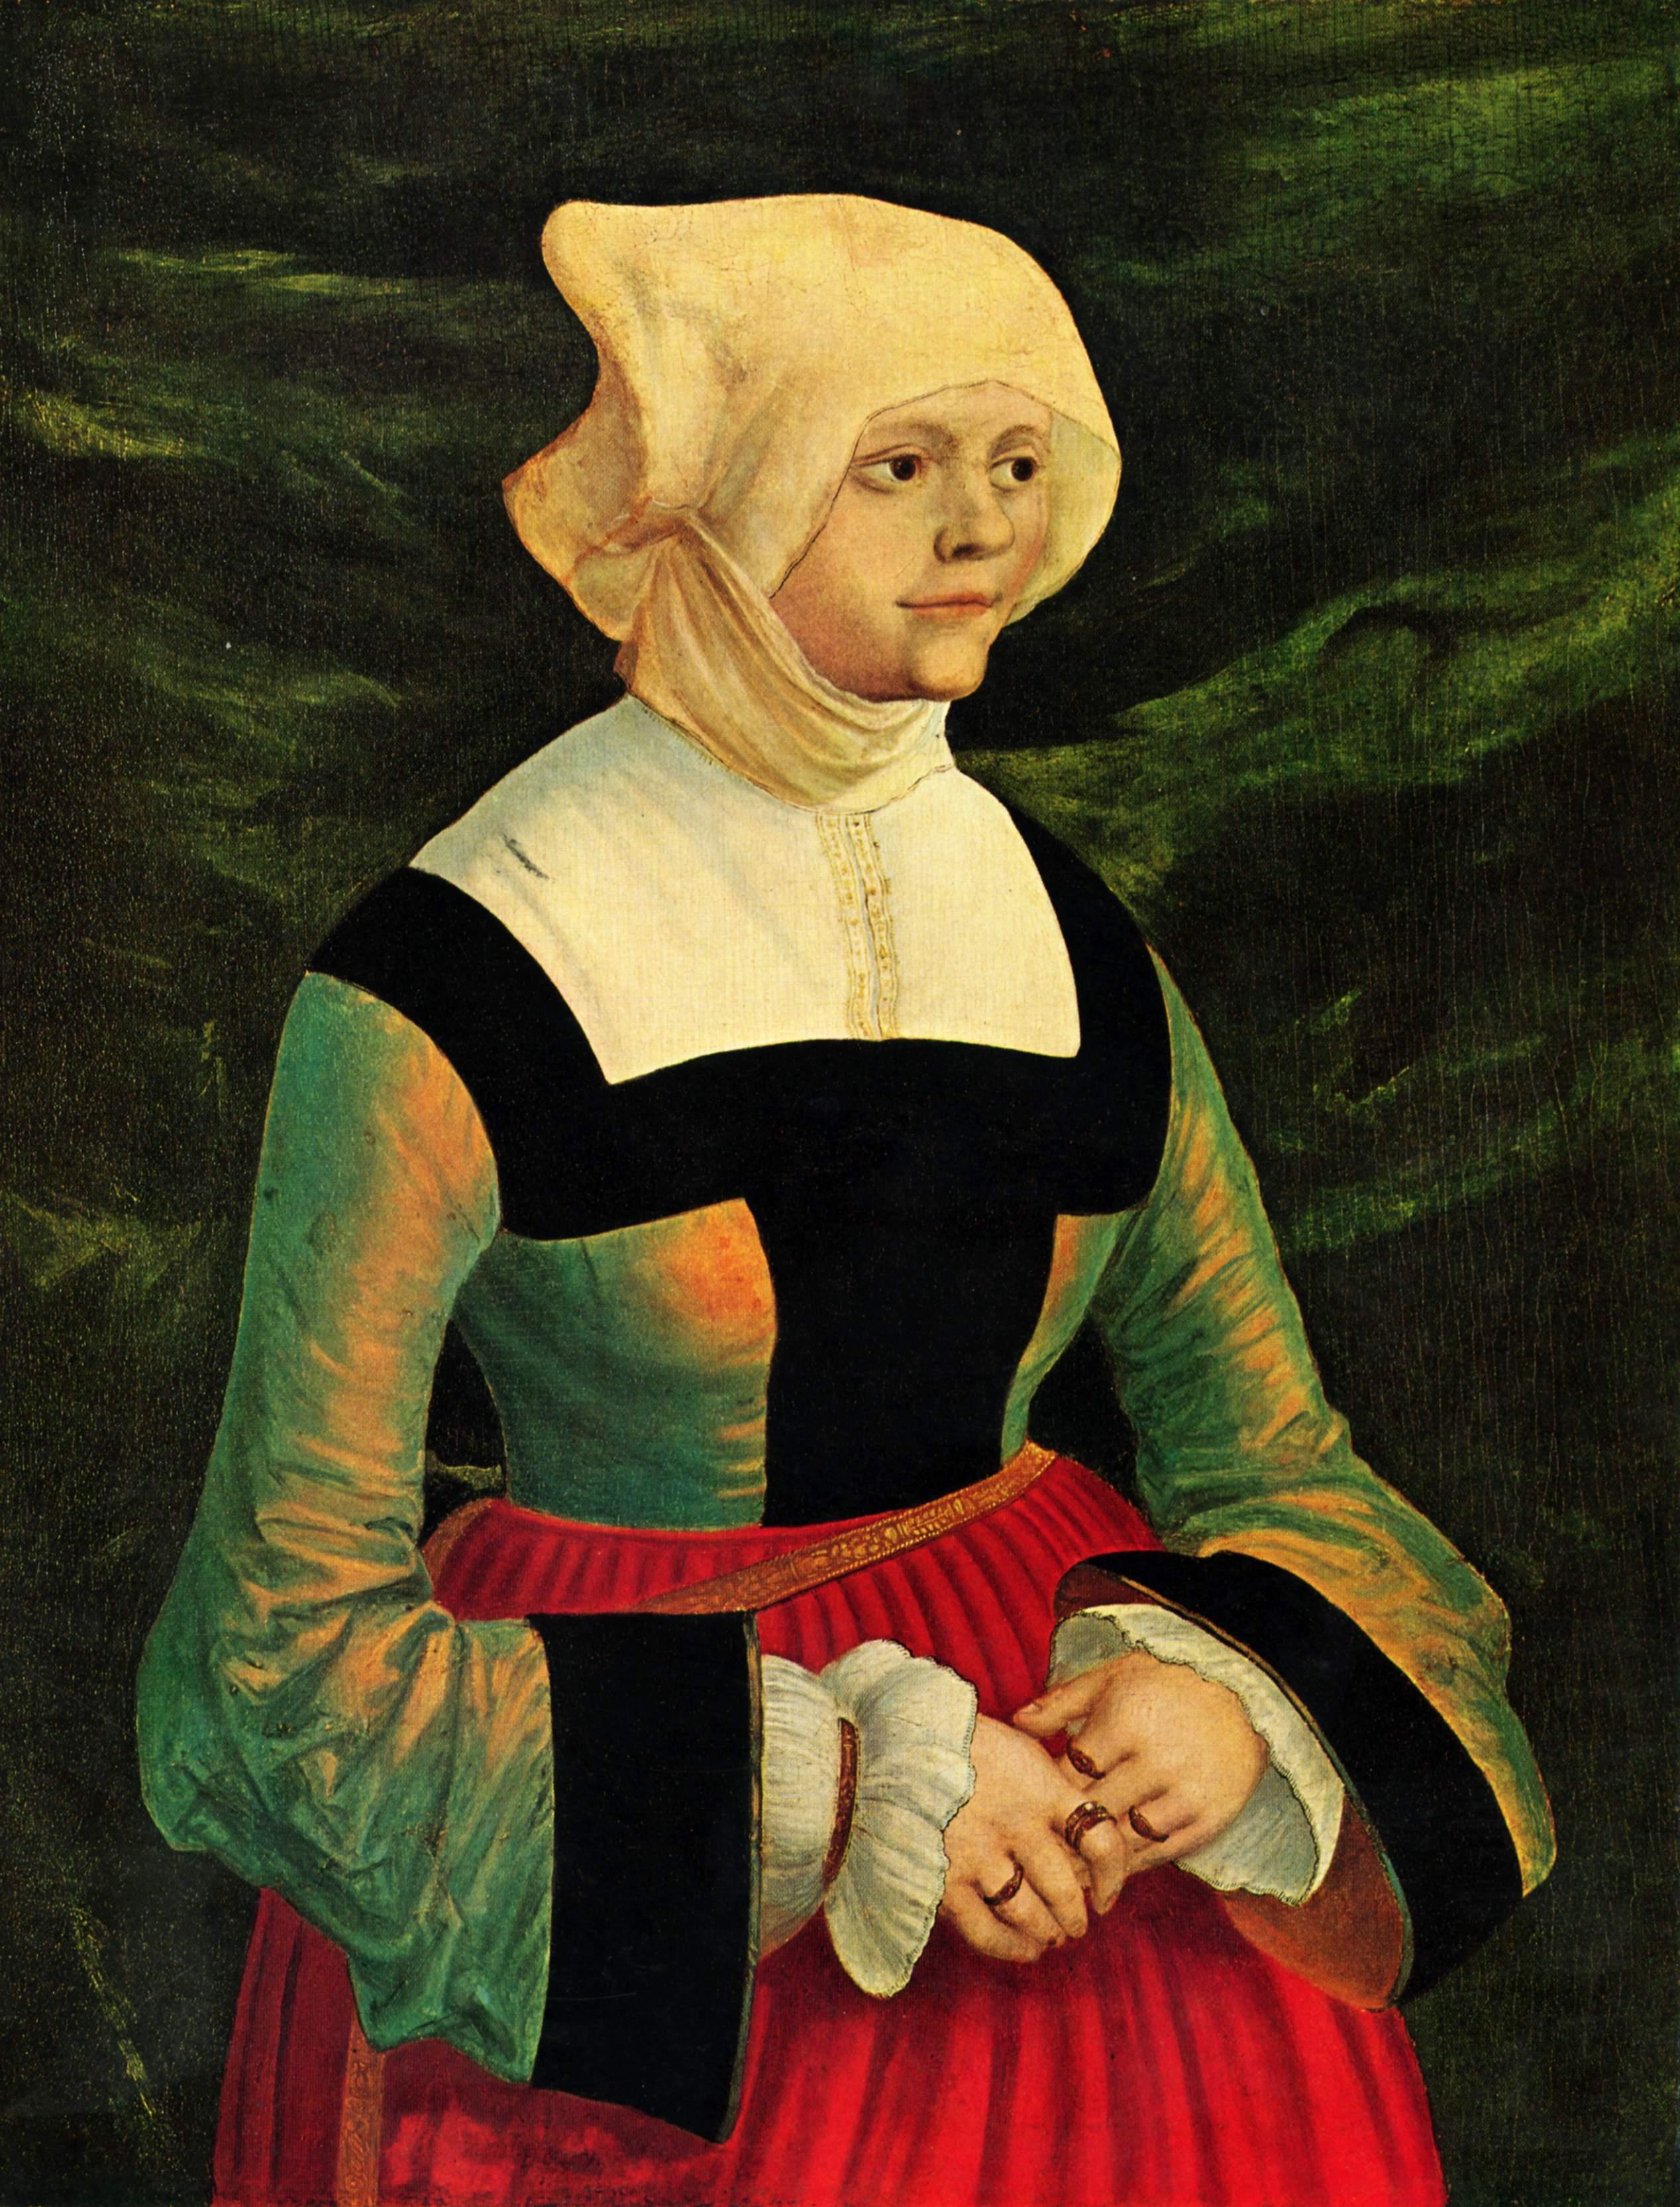 Portrait of a Woman, 1525-1530